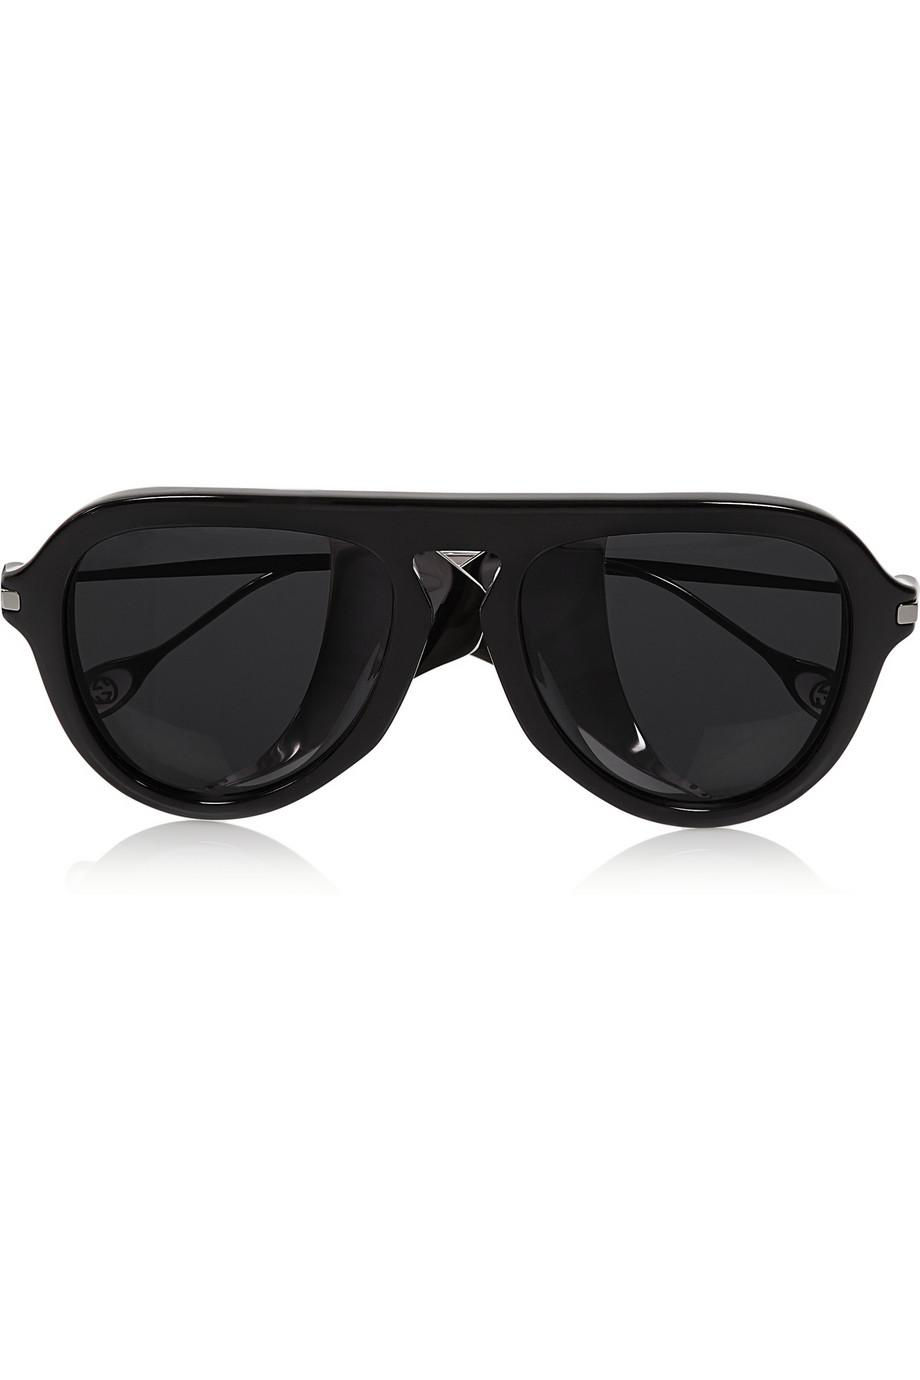 0a0e4d5e957a Style Me Maude – Gucci Aviator-style Acetate and Metal Sunglasses-1 ...